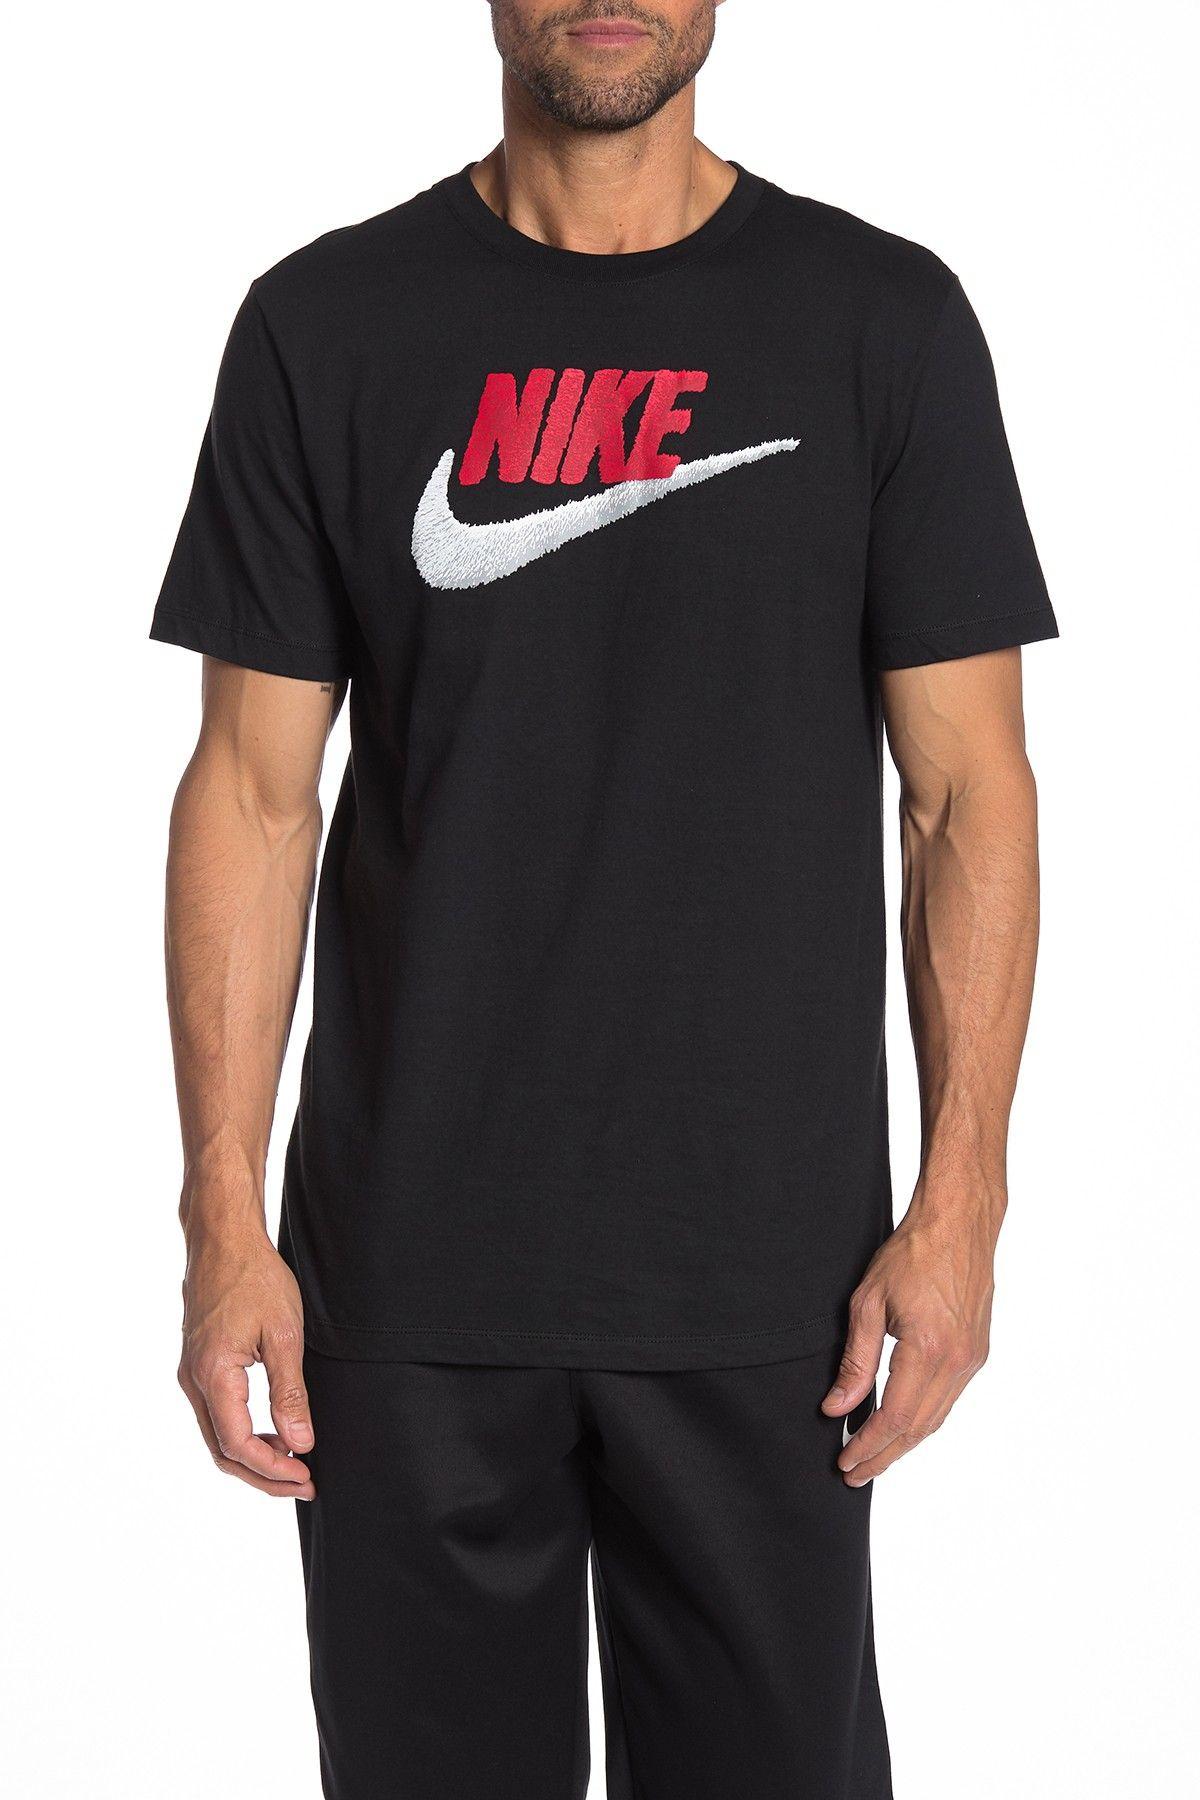 Swoosh Logo Tshirt In Black/white Tshirt logo, Nike